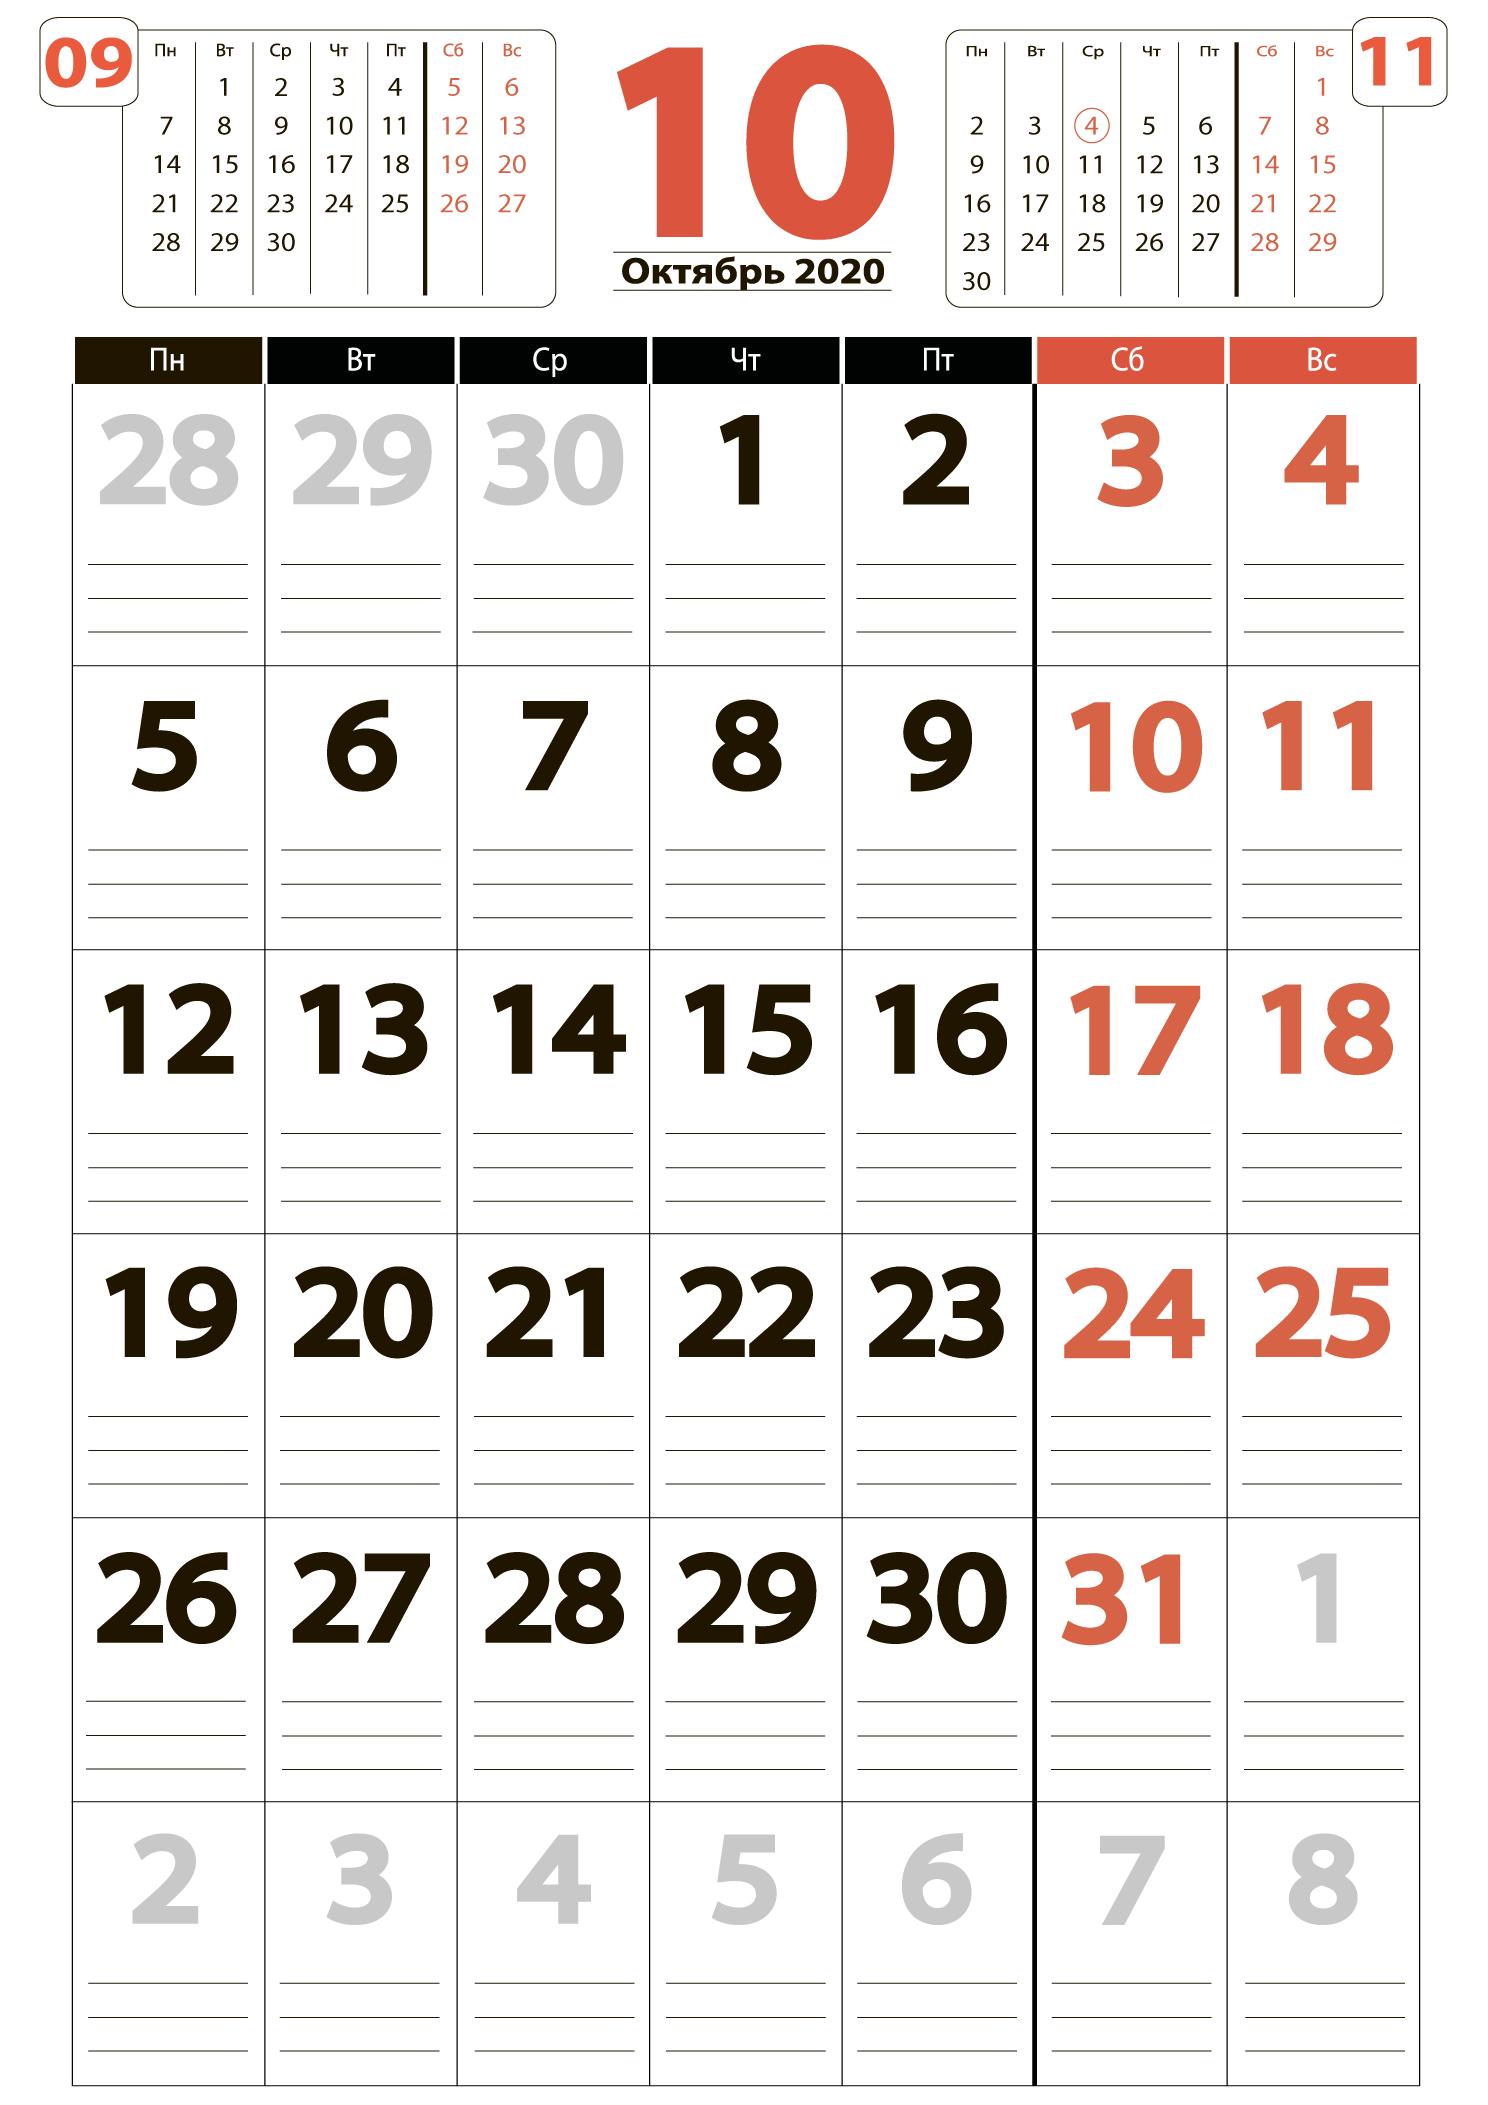 Календарь на октябрь 2020 - скачать